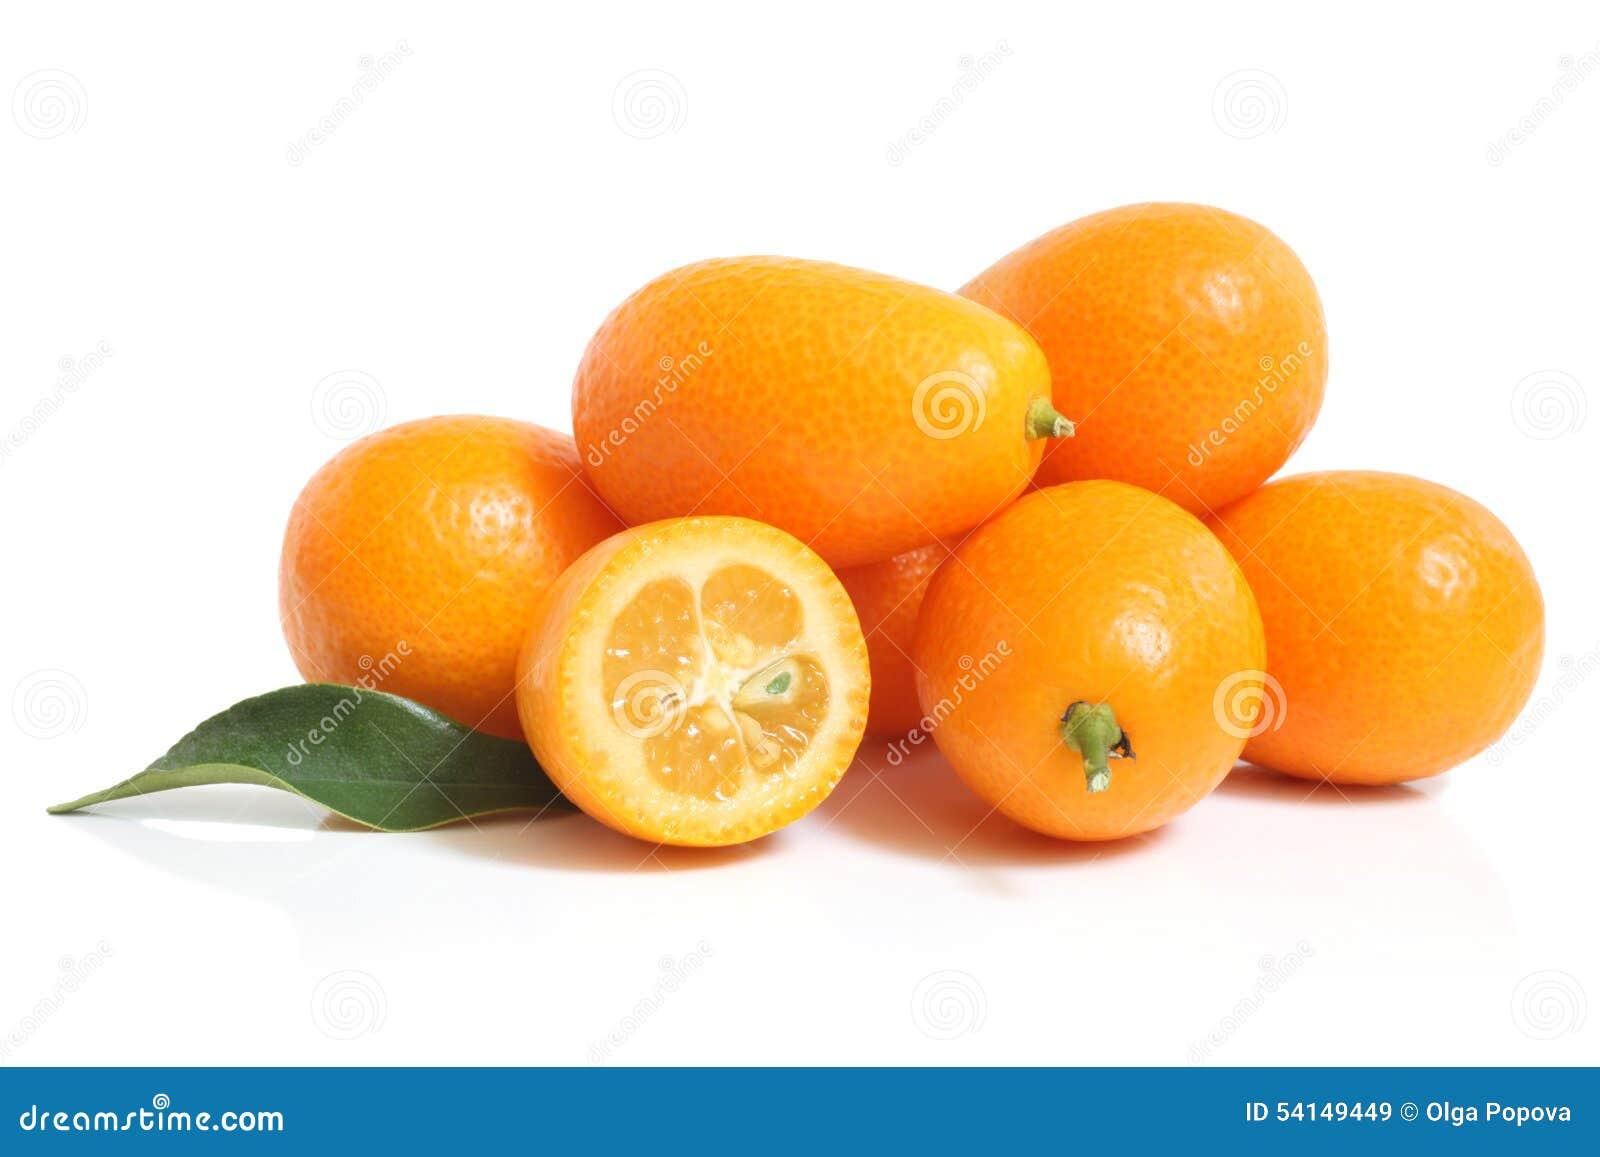 Kumquat with leaf